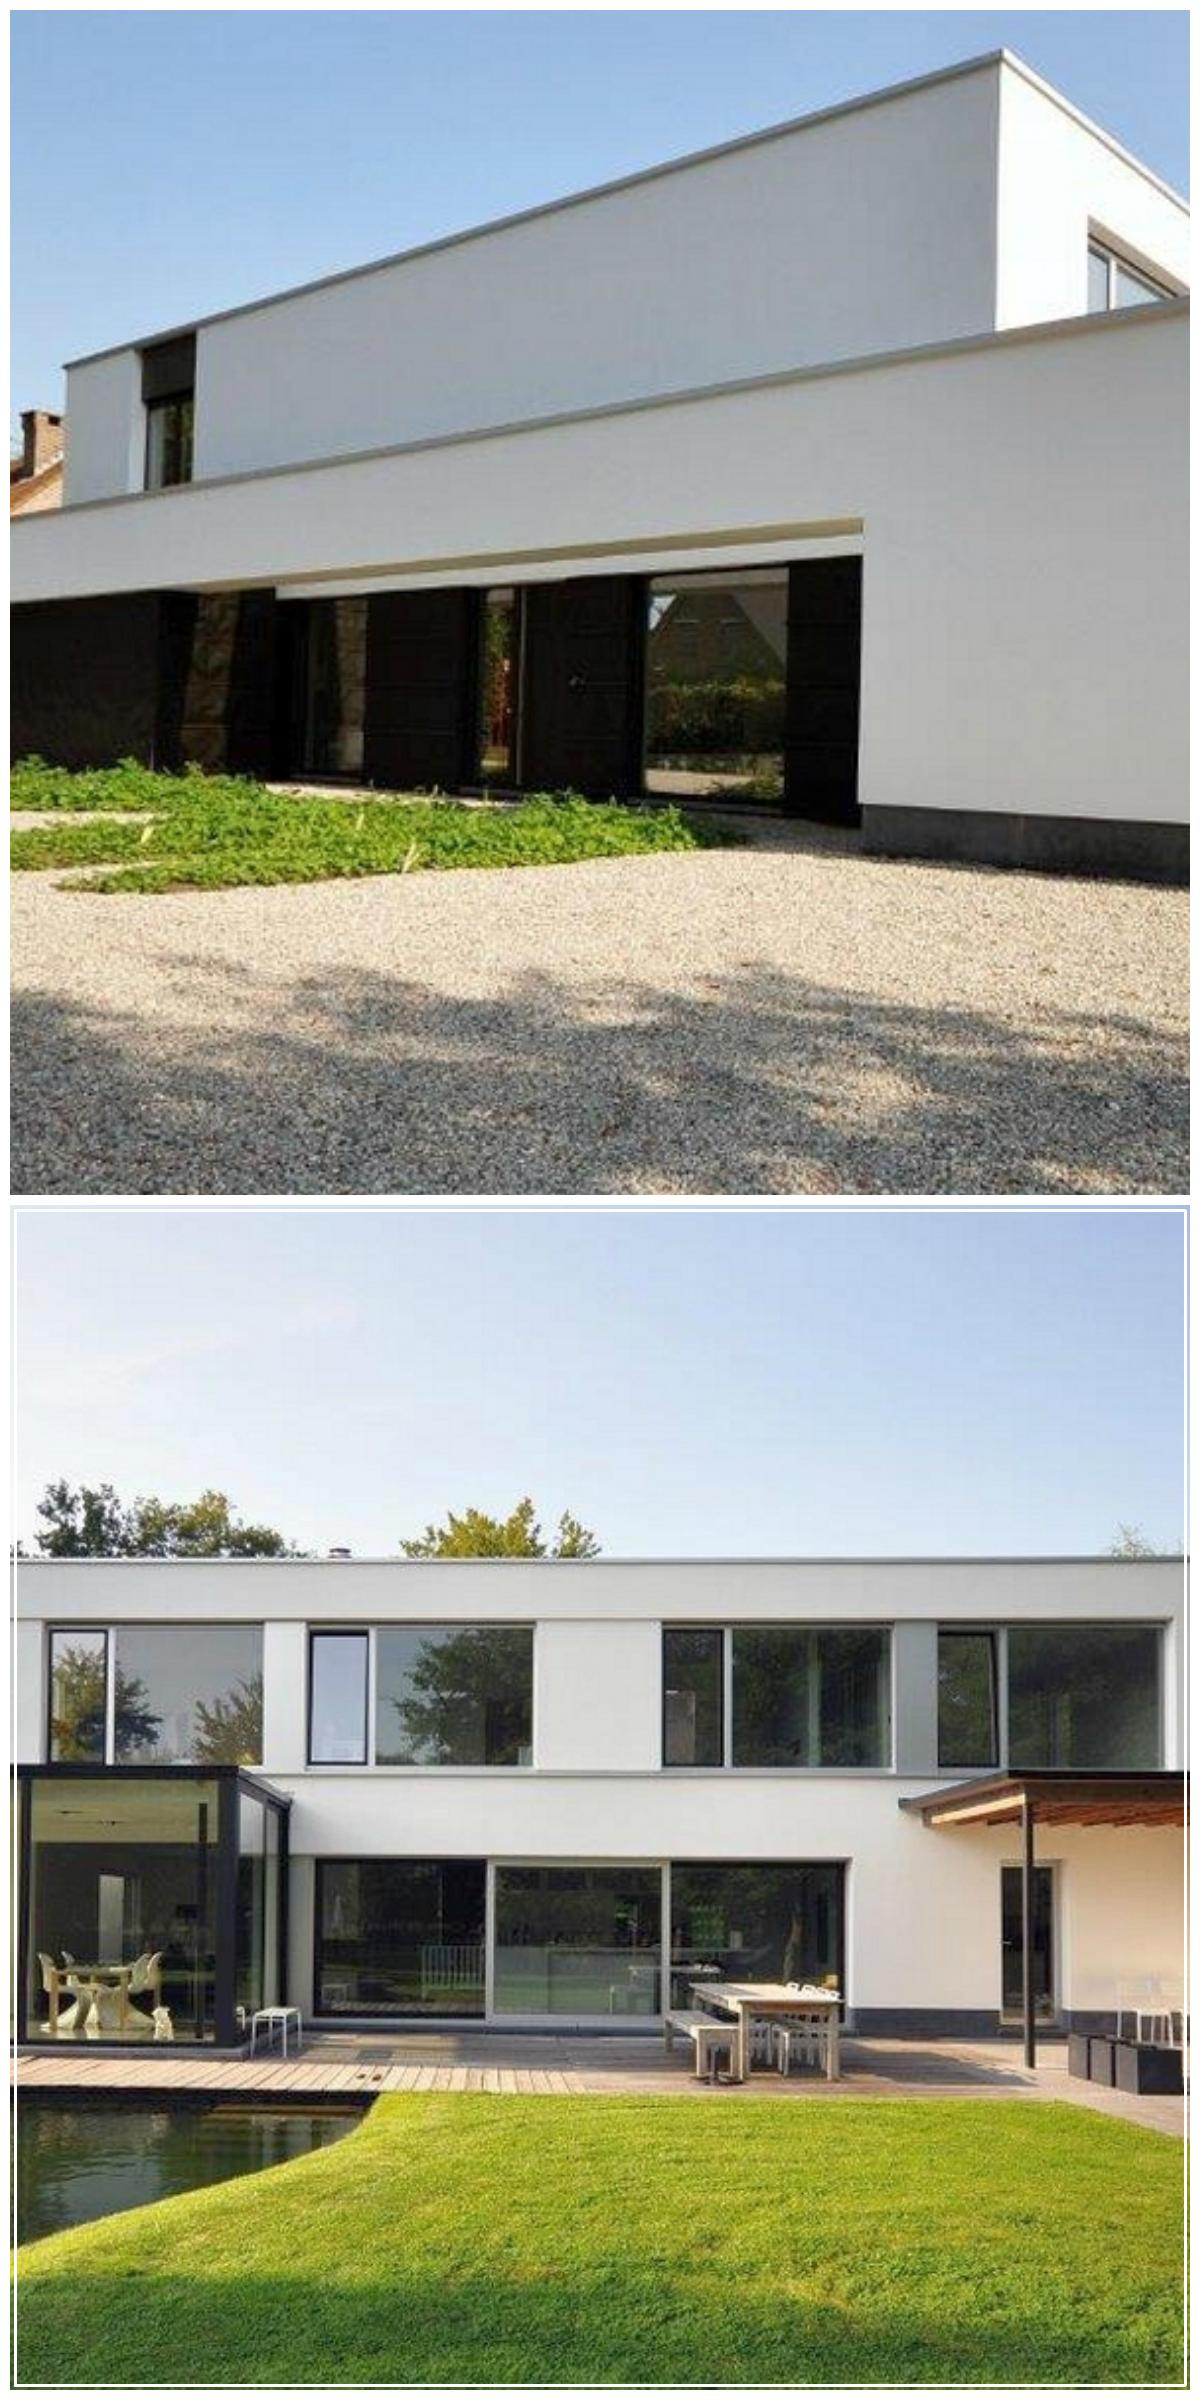 Renovatie modern gevelpleister vijver overdekt terras veranda architect christophe - Modern overdekt terras ...